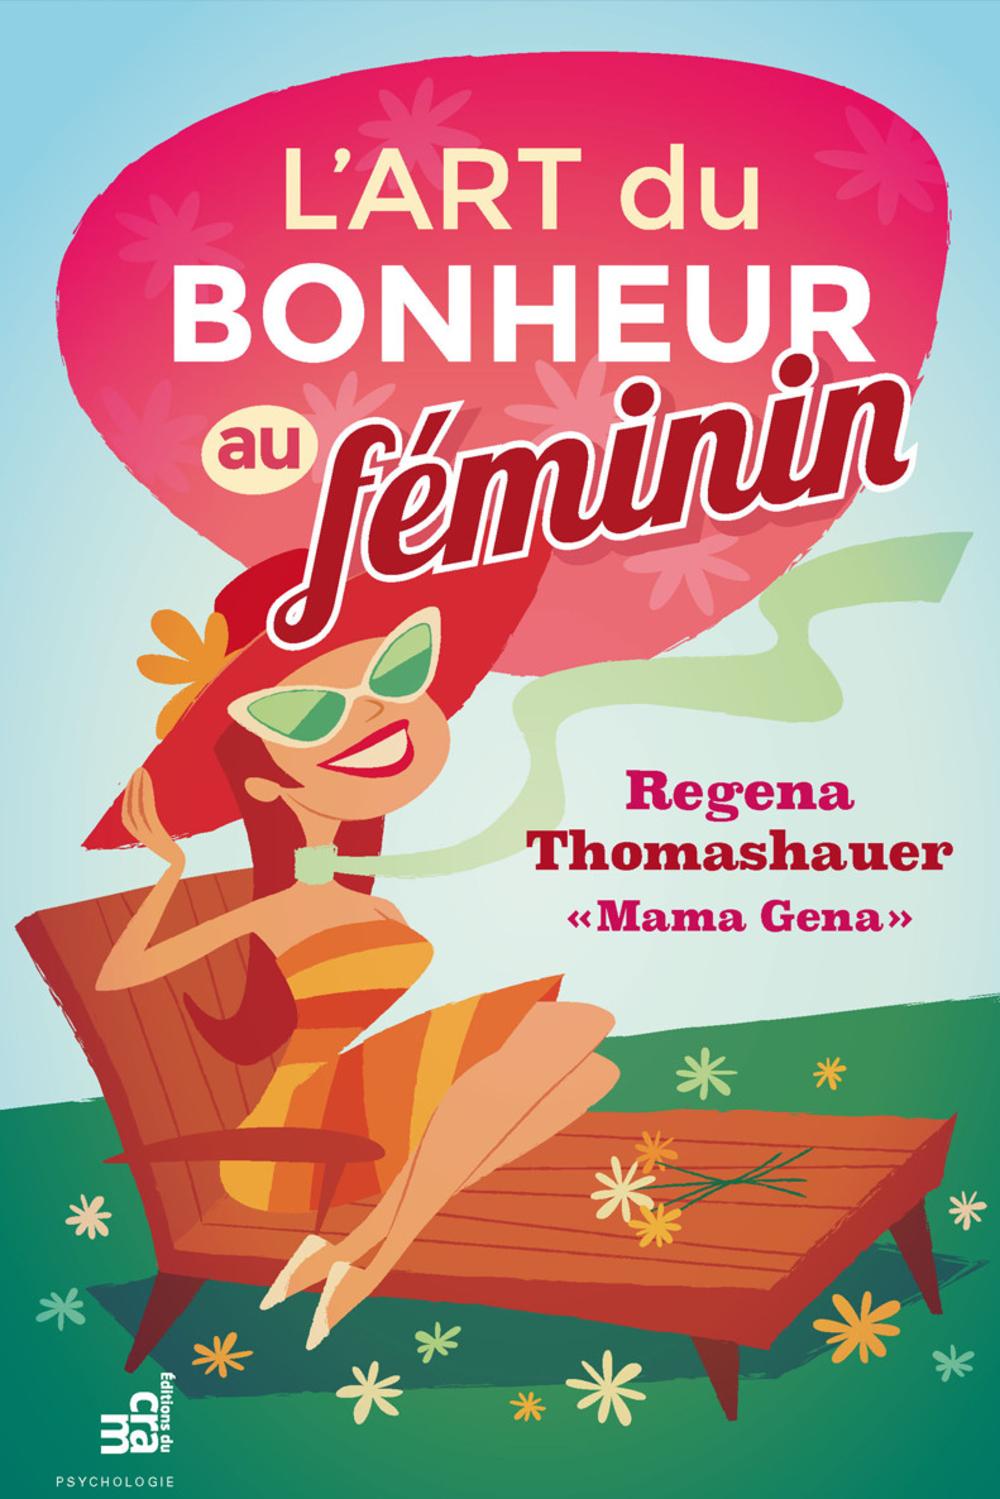 TELECHARGER MAGAZINE L'ART DU BONHEUR AU FÉMININ